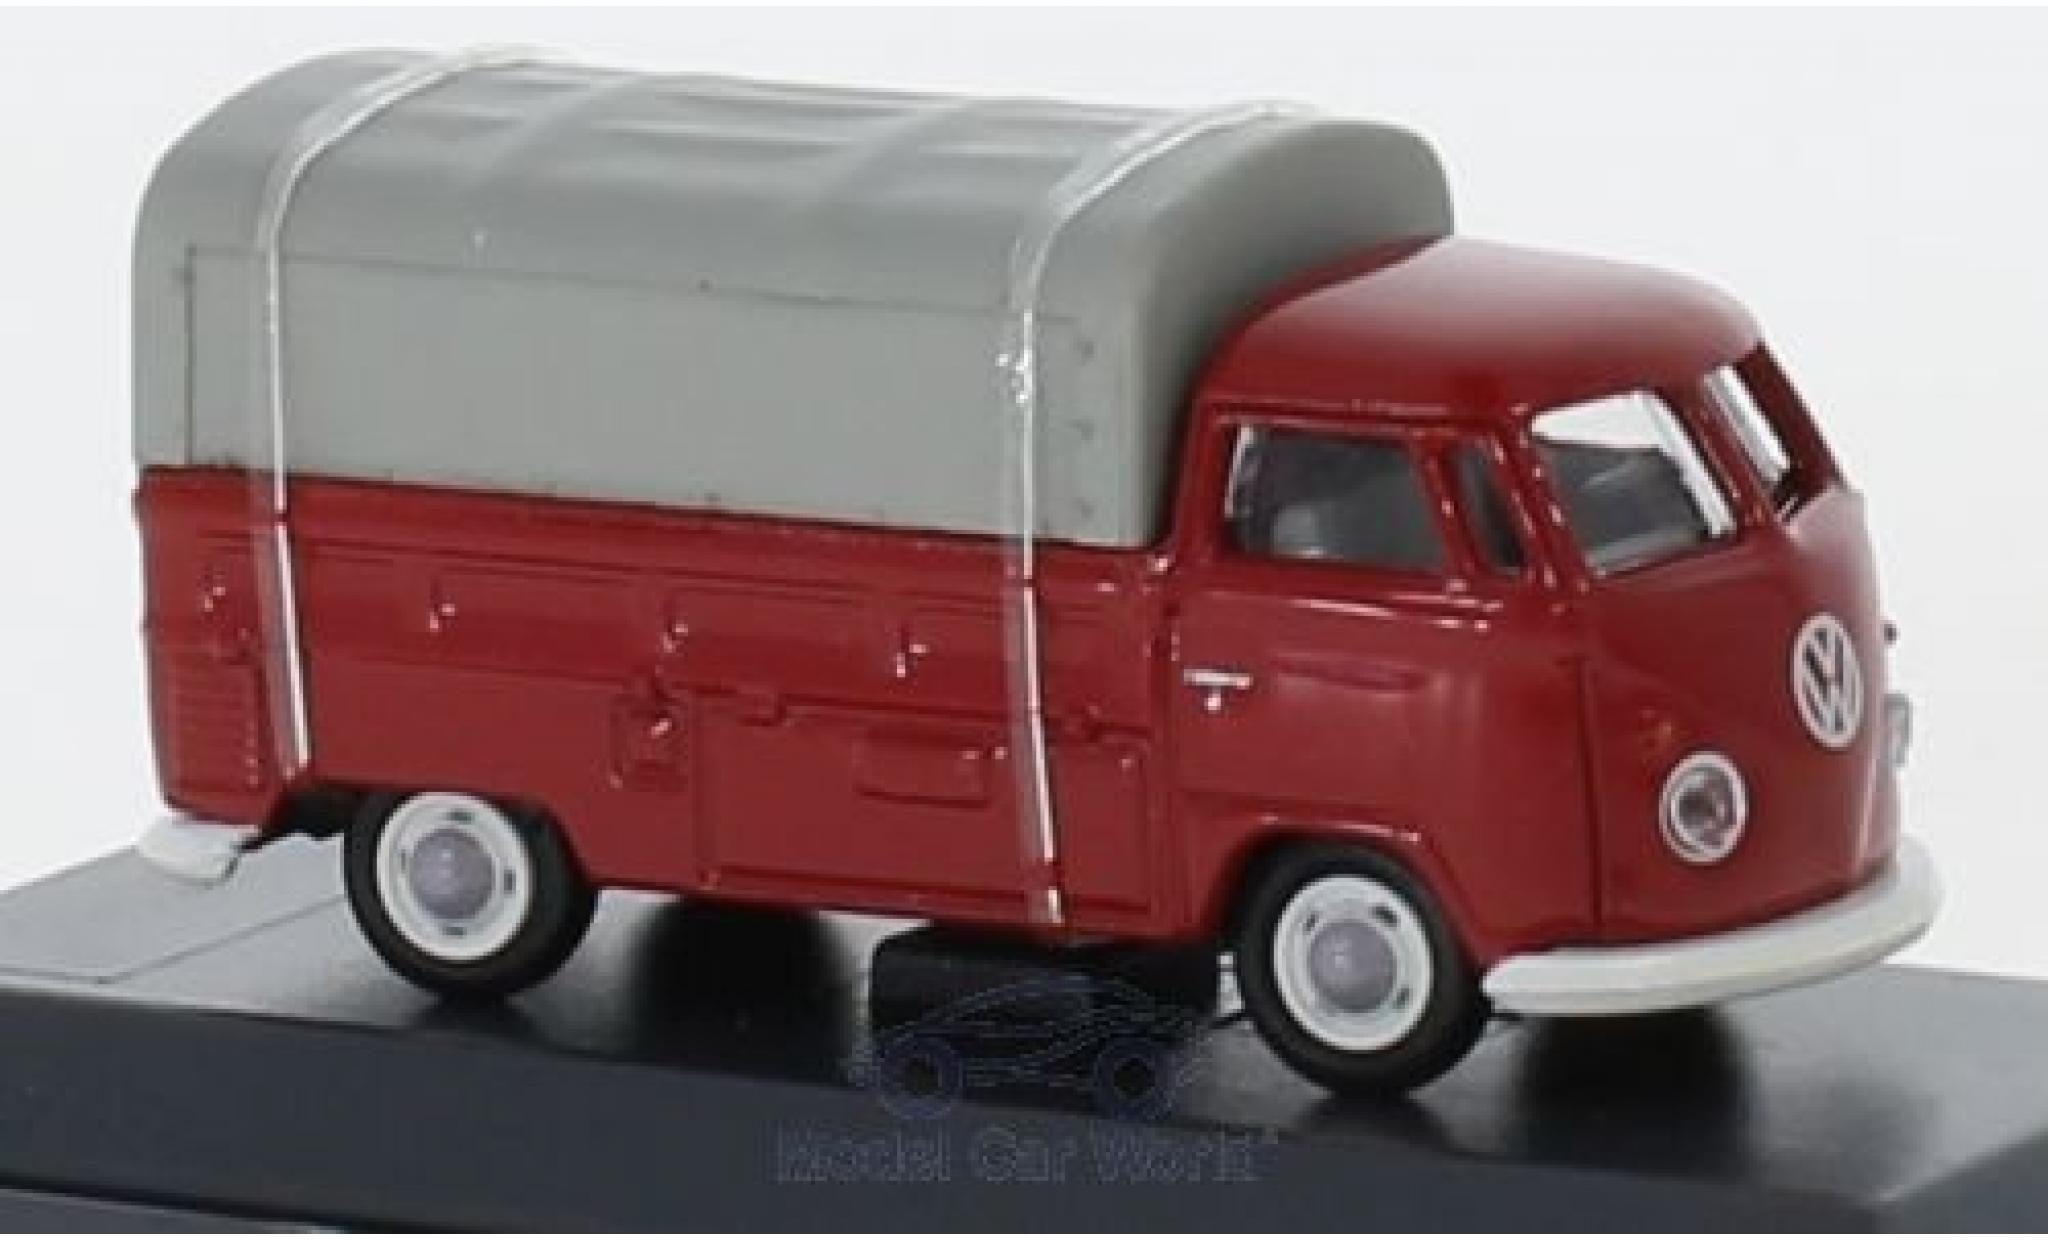 Volkswagen T1 1/87 Schuco b Pritsche red/grey mit Plane